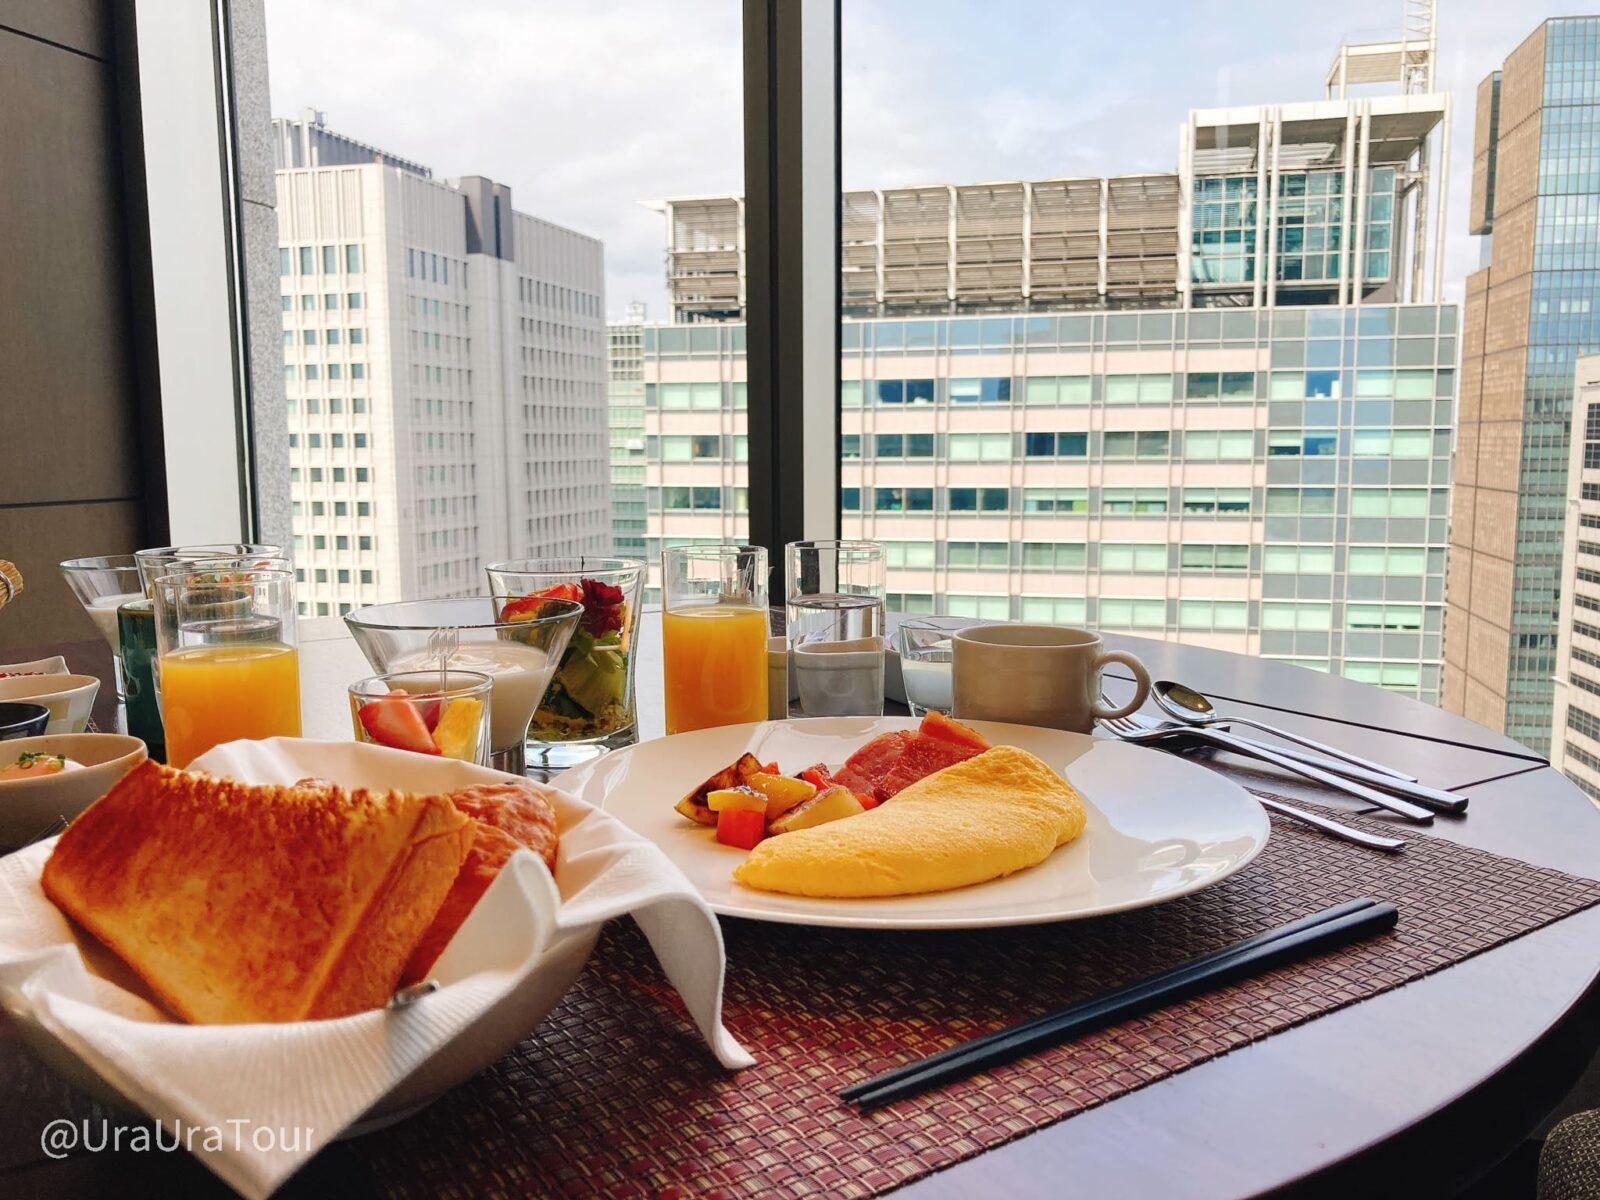 週末朝のオフィス街って知ってる!?都心の朝さんぽと地上120mの優雅な朝食♪【朝活サイクリング】